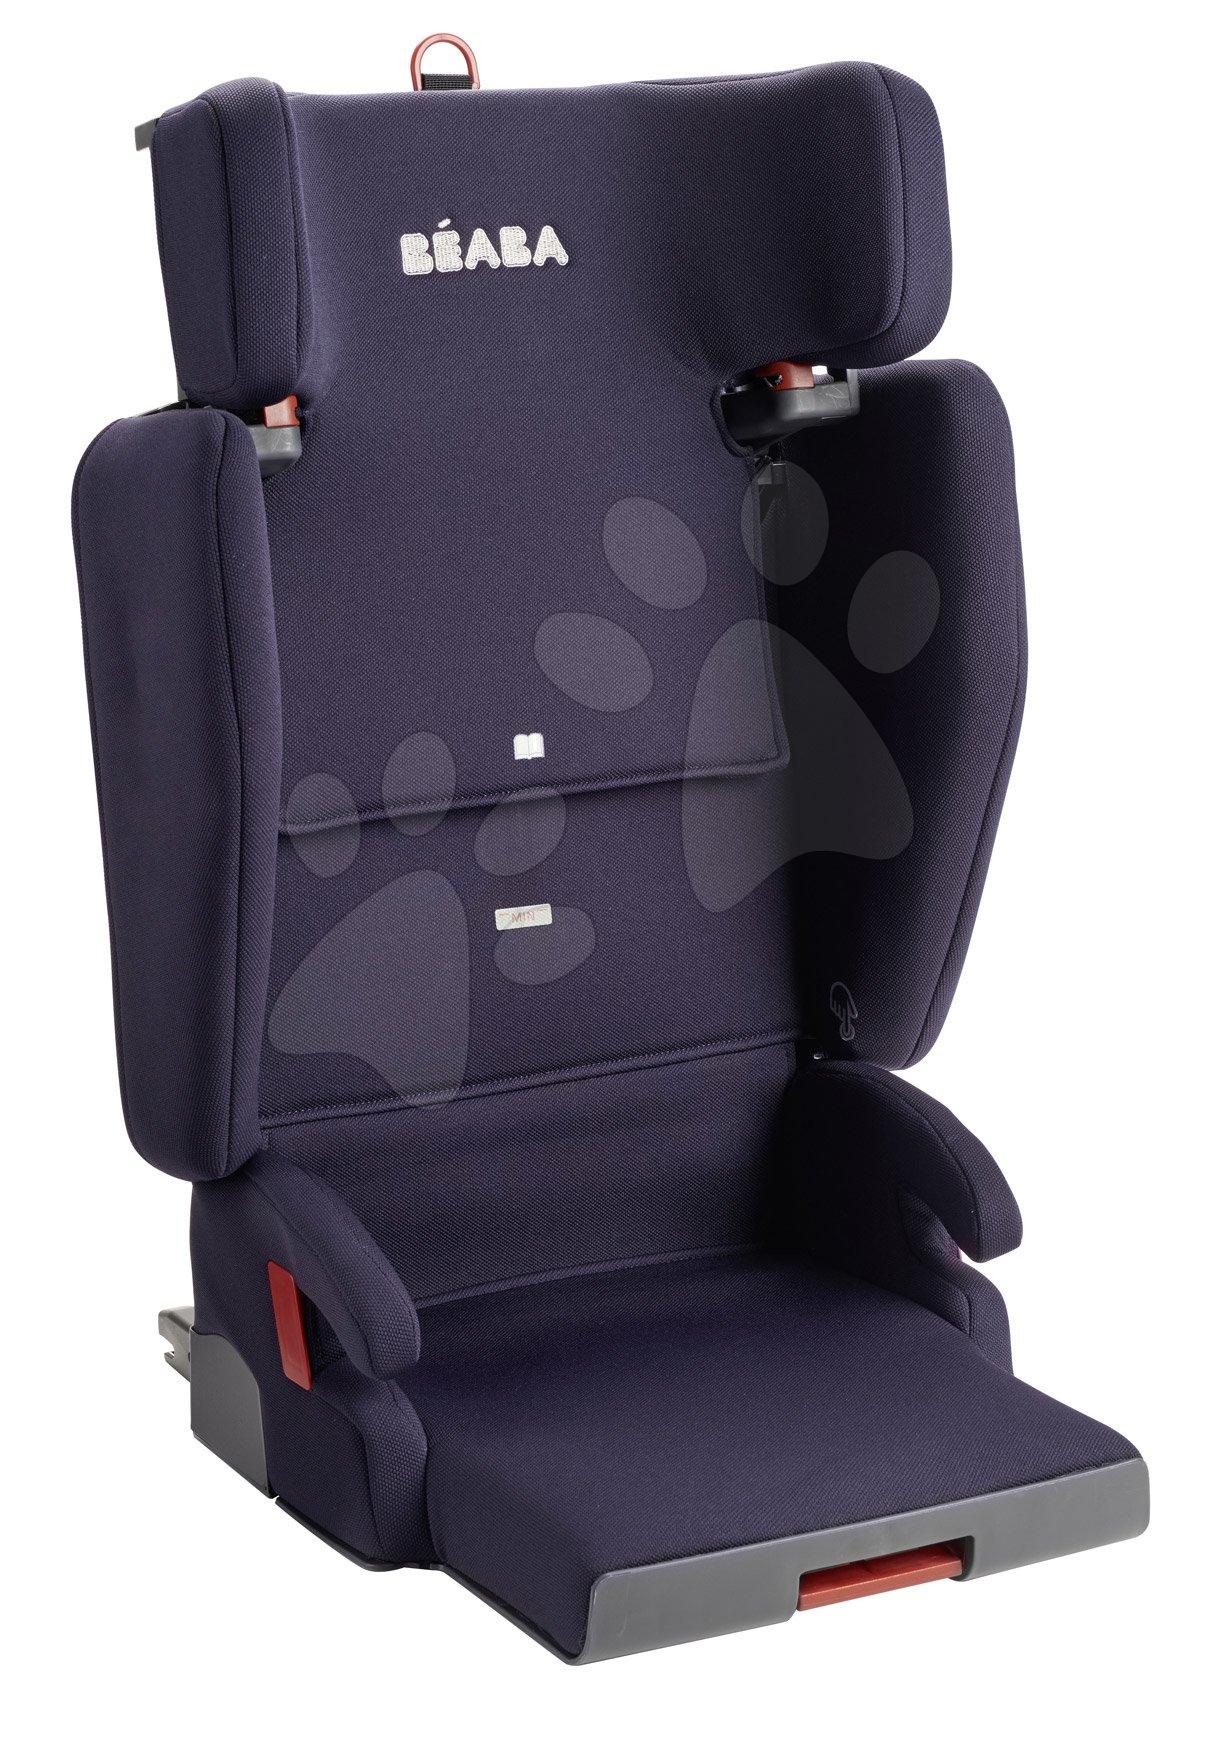 Autós gyerekülés Beaba PURSEAT'FIX csoport 2/3 kompakt és hordozható V1 Isofix matrózkék 15-36 kg